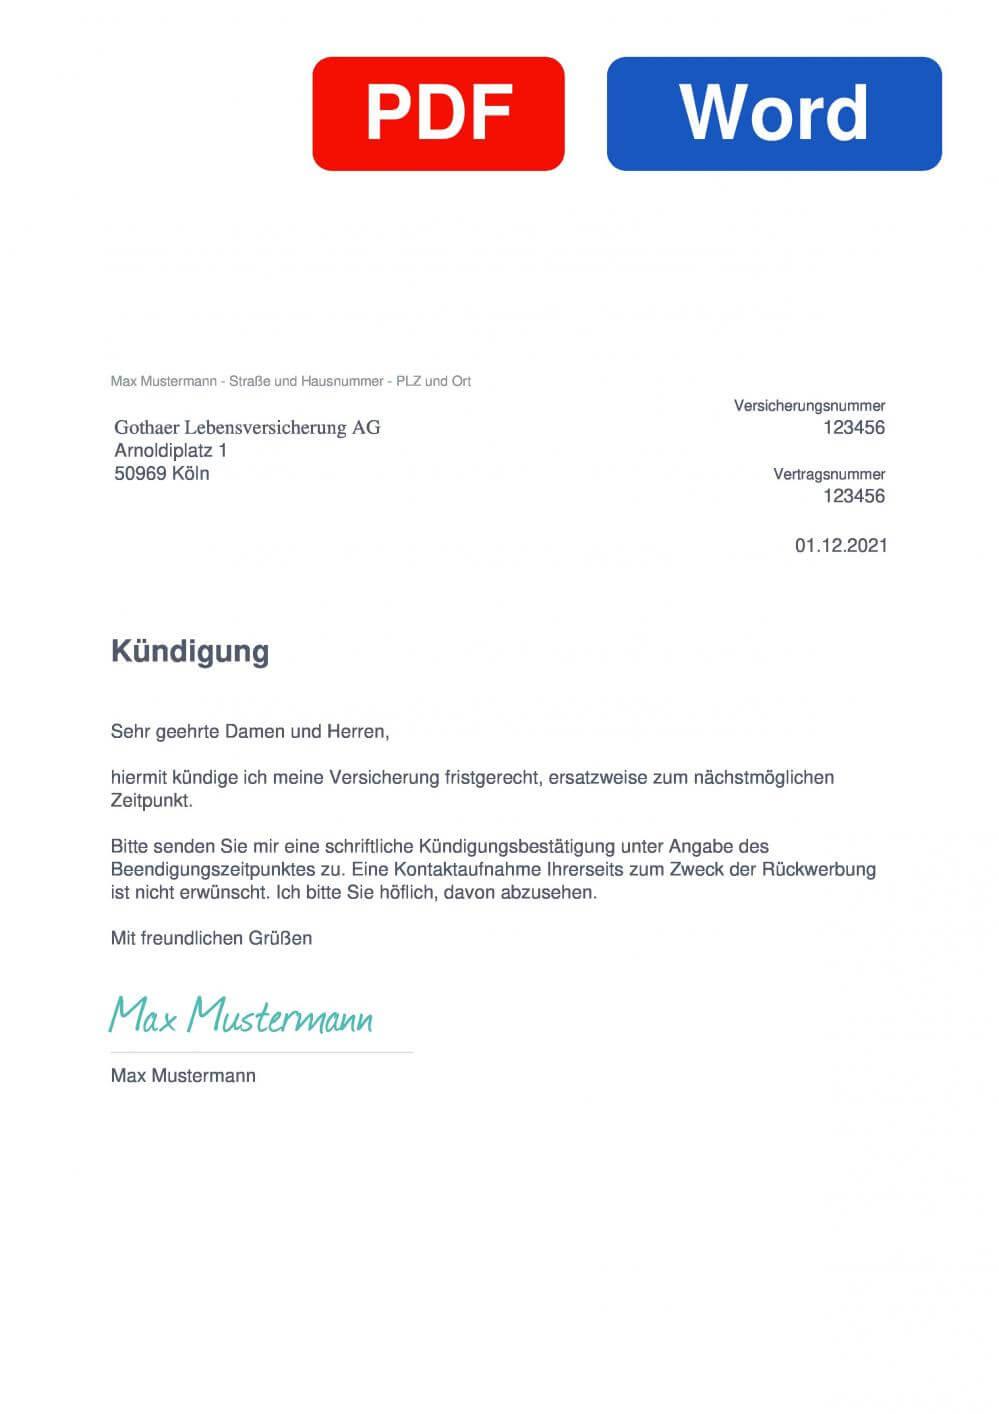 Gothaer Kapitalversicherung Muster Vorlage für Kündigungsschreiben